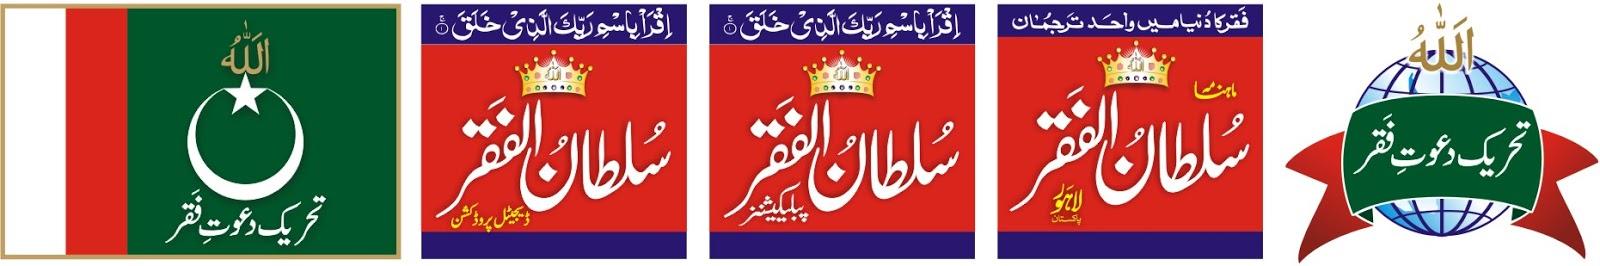 Tehreek Dawat e Faqr